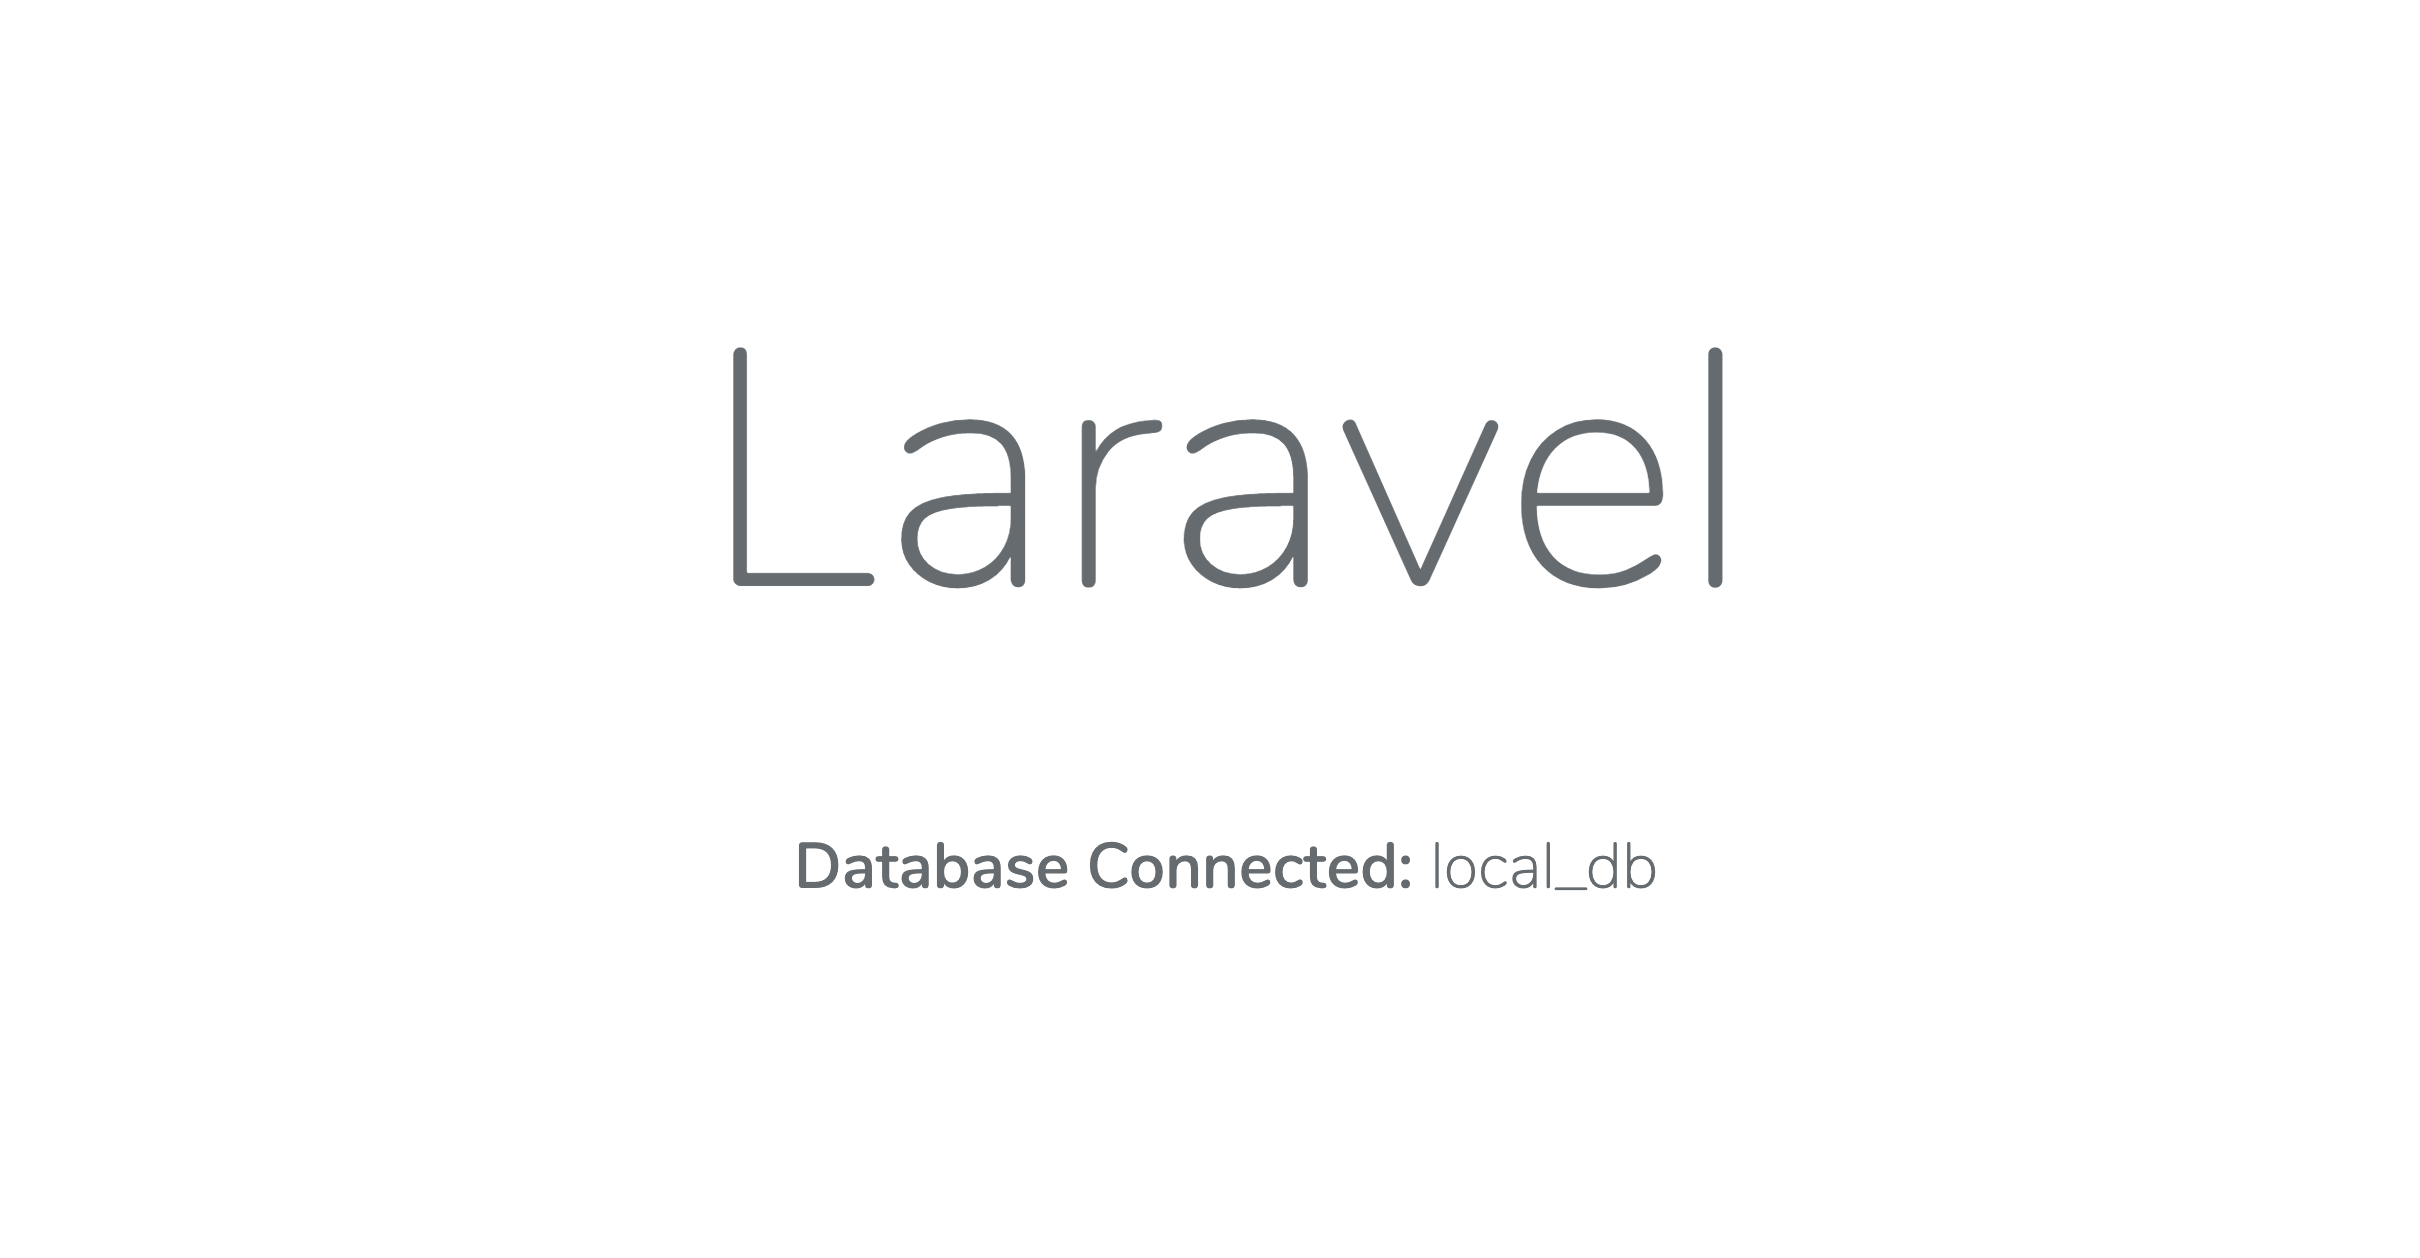 Die Laravel-Anwendung, die mit Docker Compose lokal ausgeführt wird